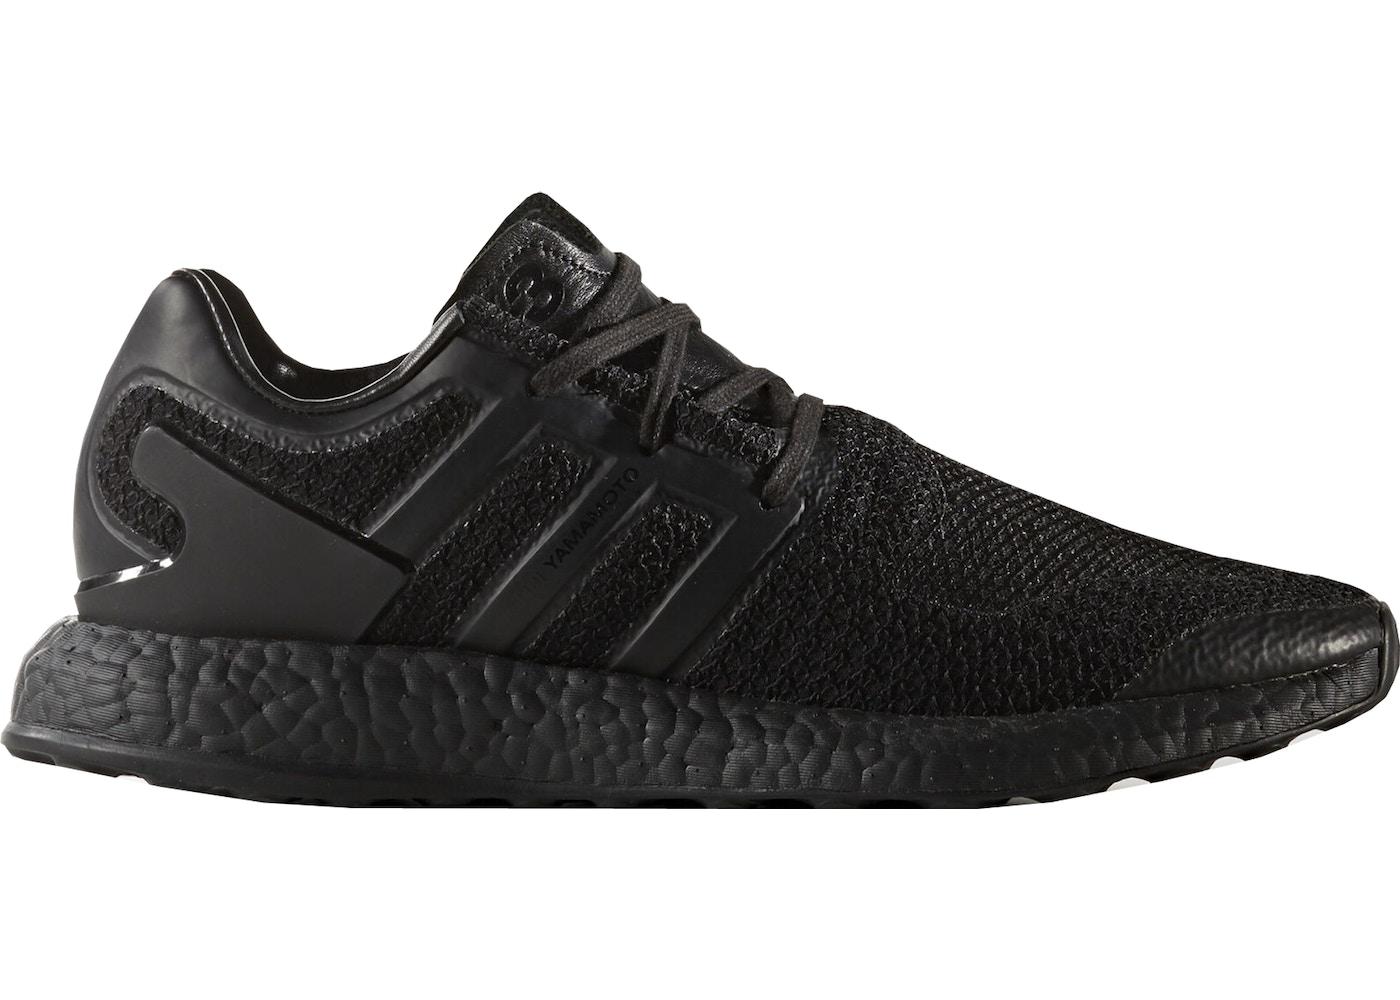 562c1c9fe81f adidas Y-3 Pureboost Triple Black - CP9890